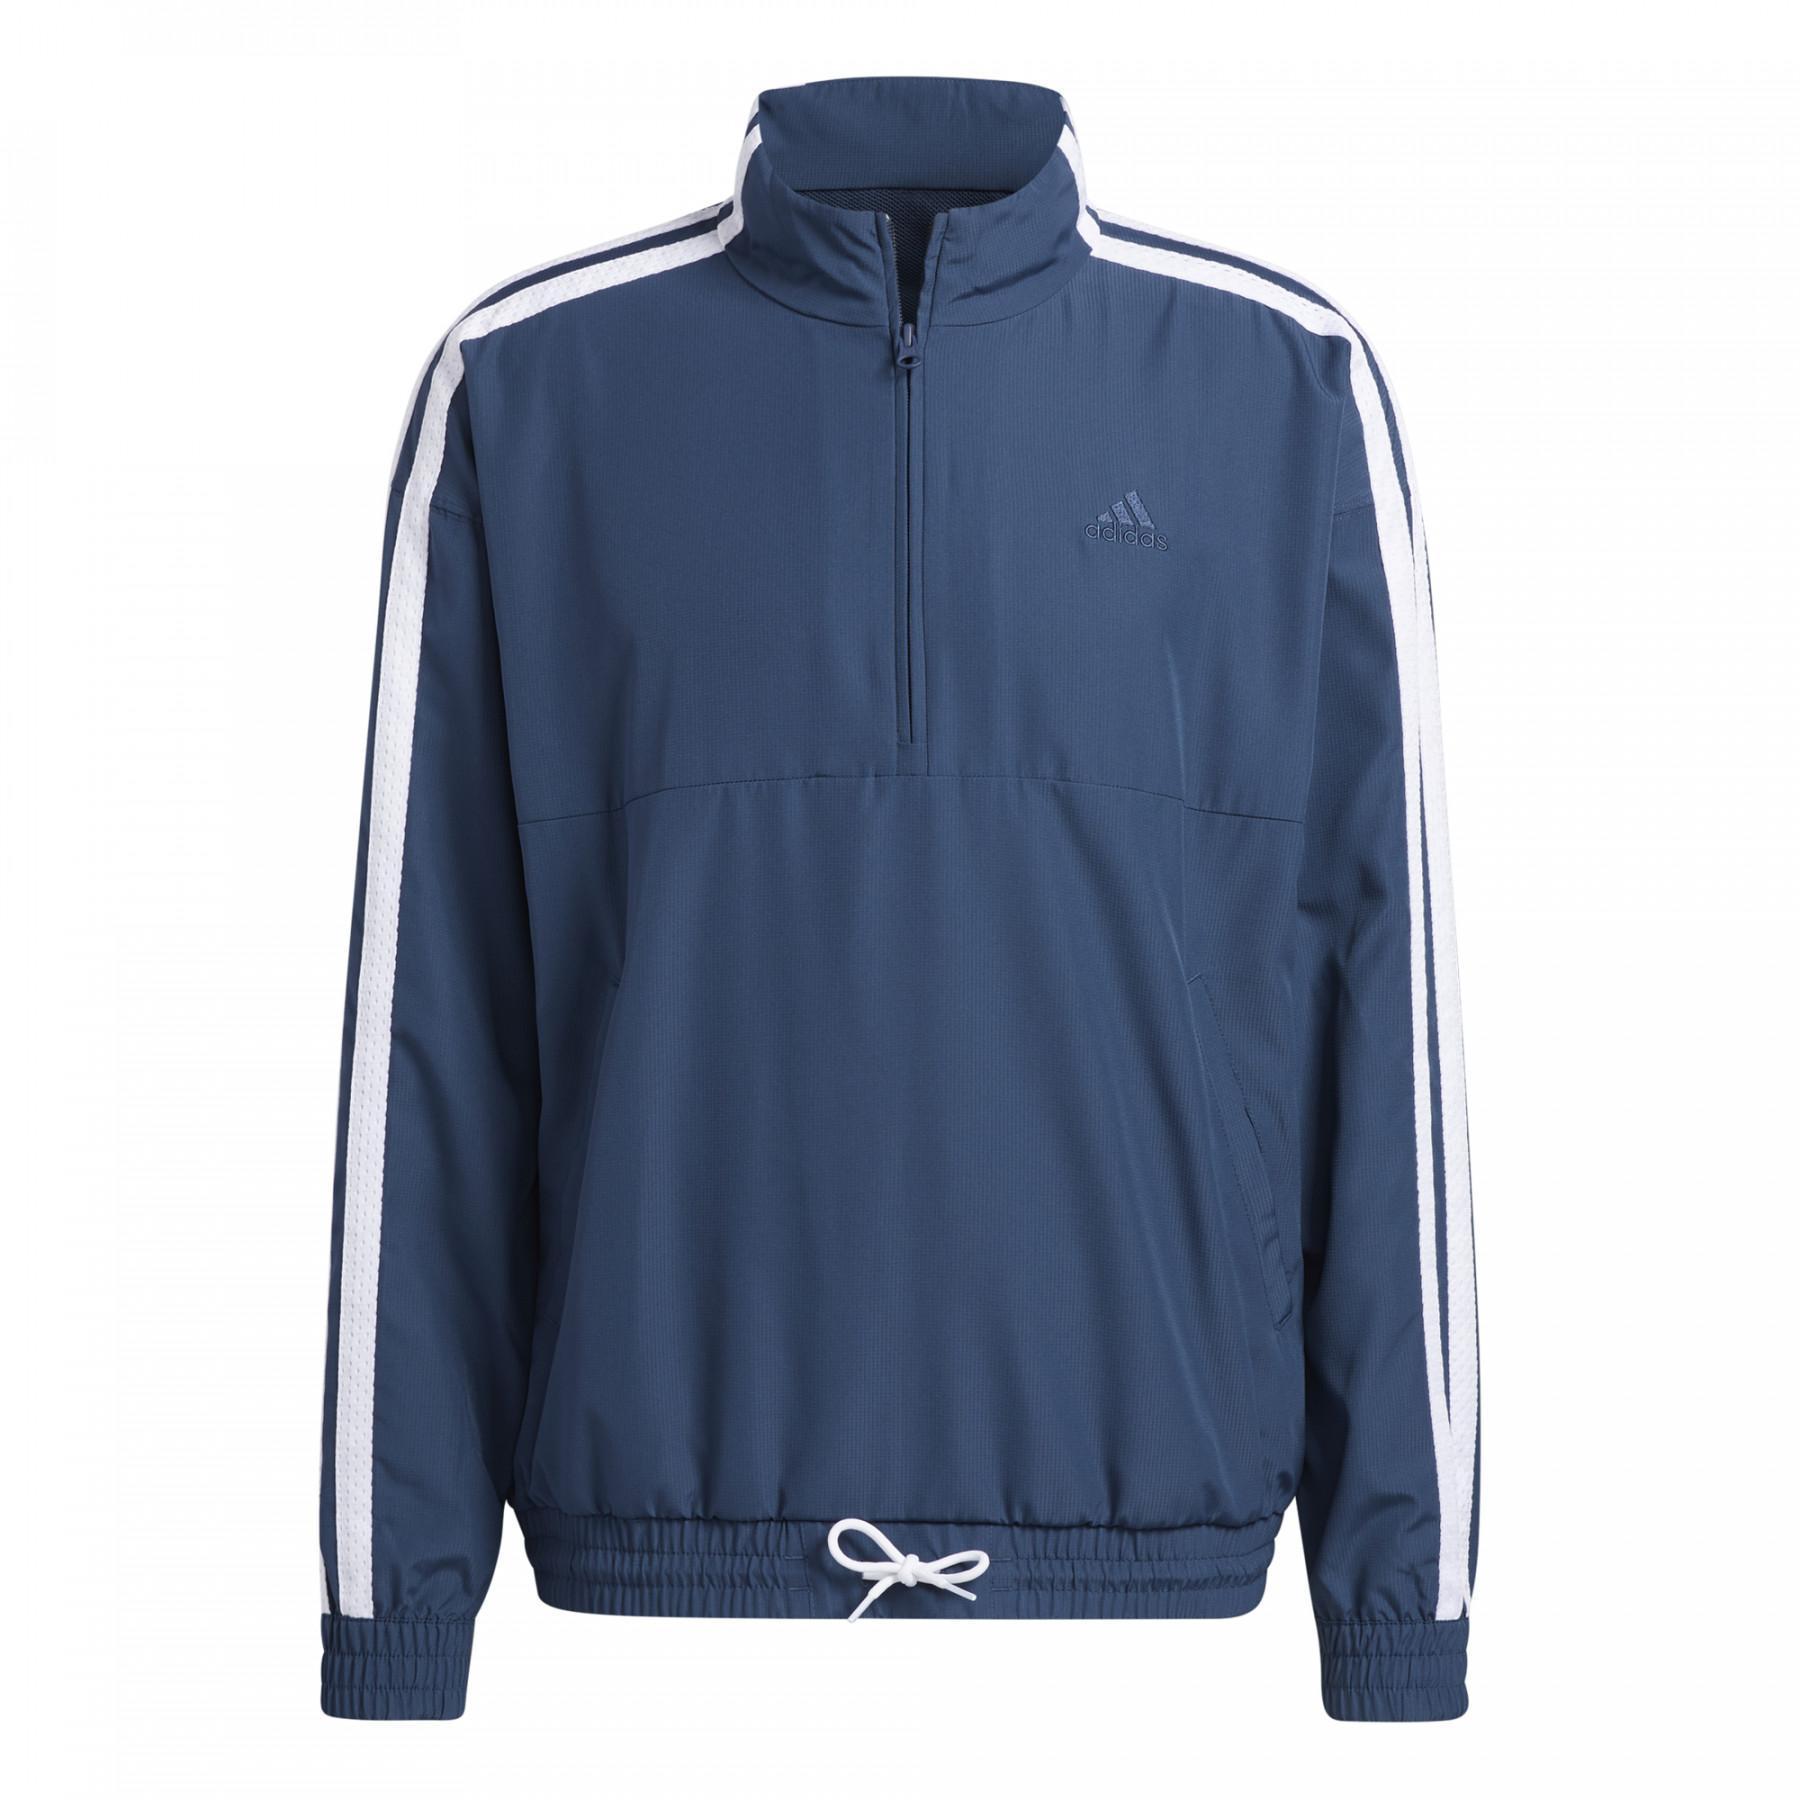 Giacca 1/4 zip adidas Originals SMR LD